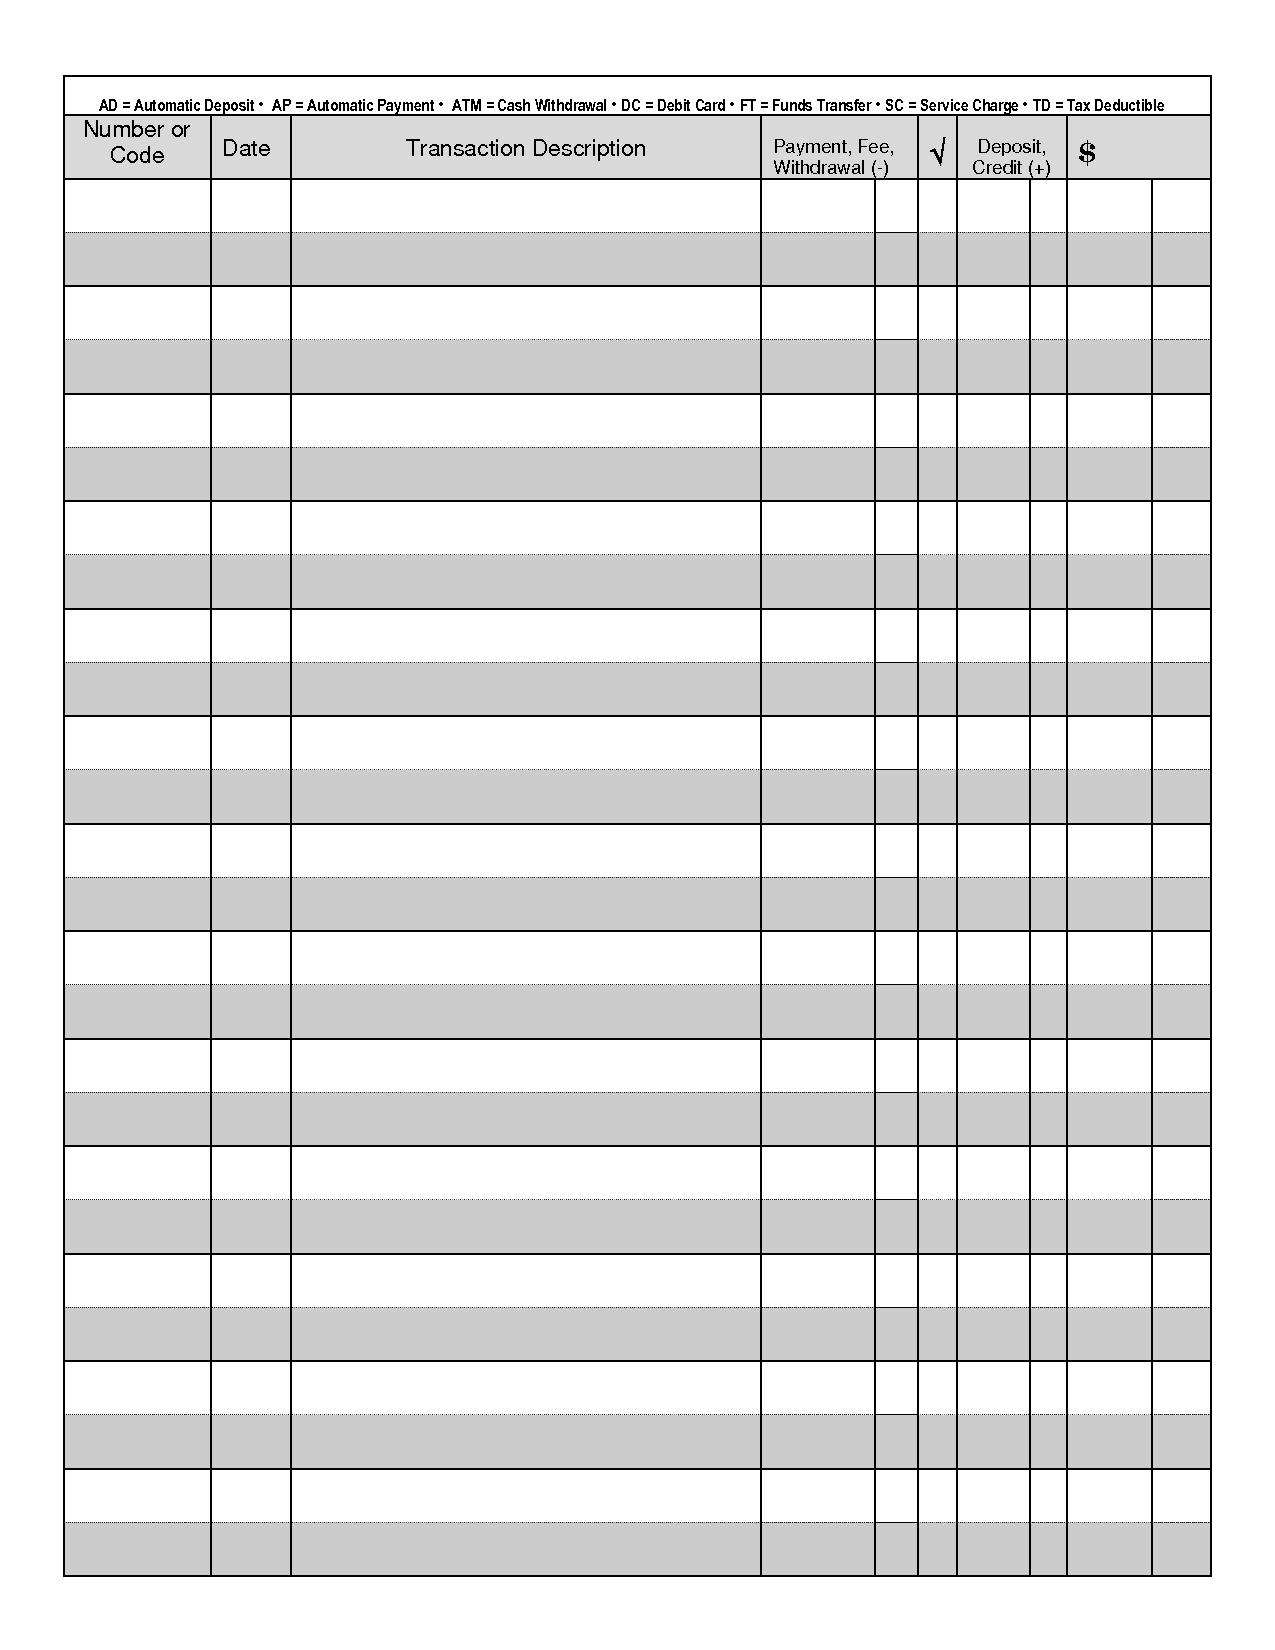 Checkbook Register Spreadsheet Excel Intended For Checkbook Register Spreadsheet  Aljererlotgd